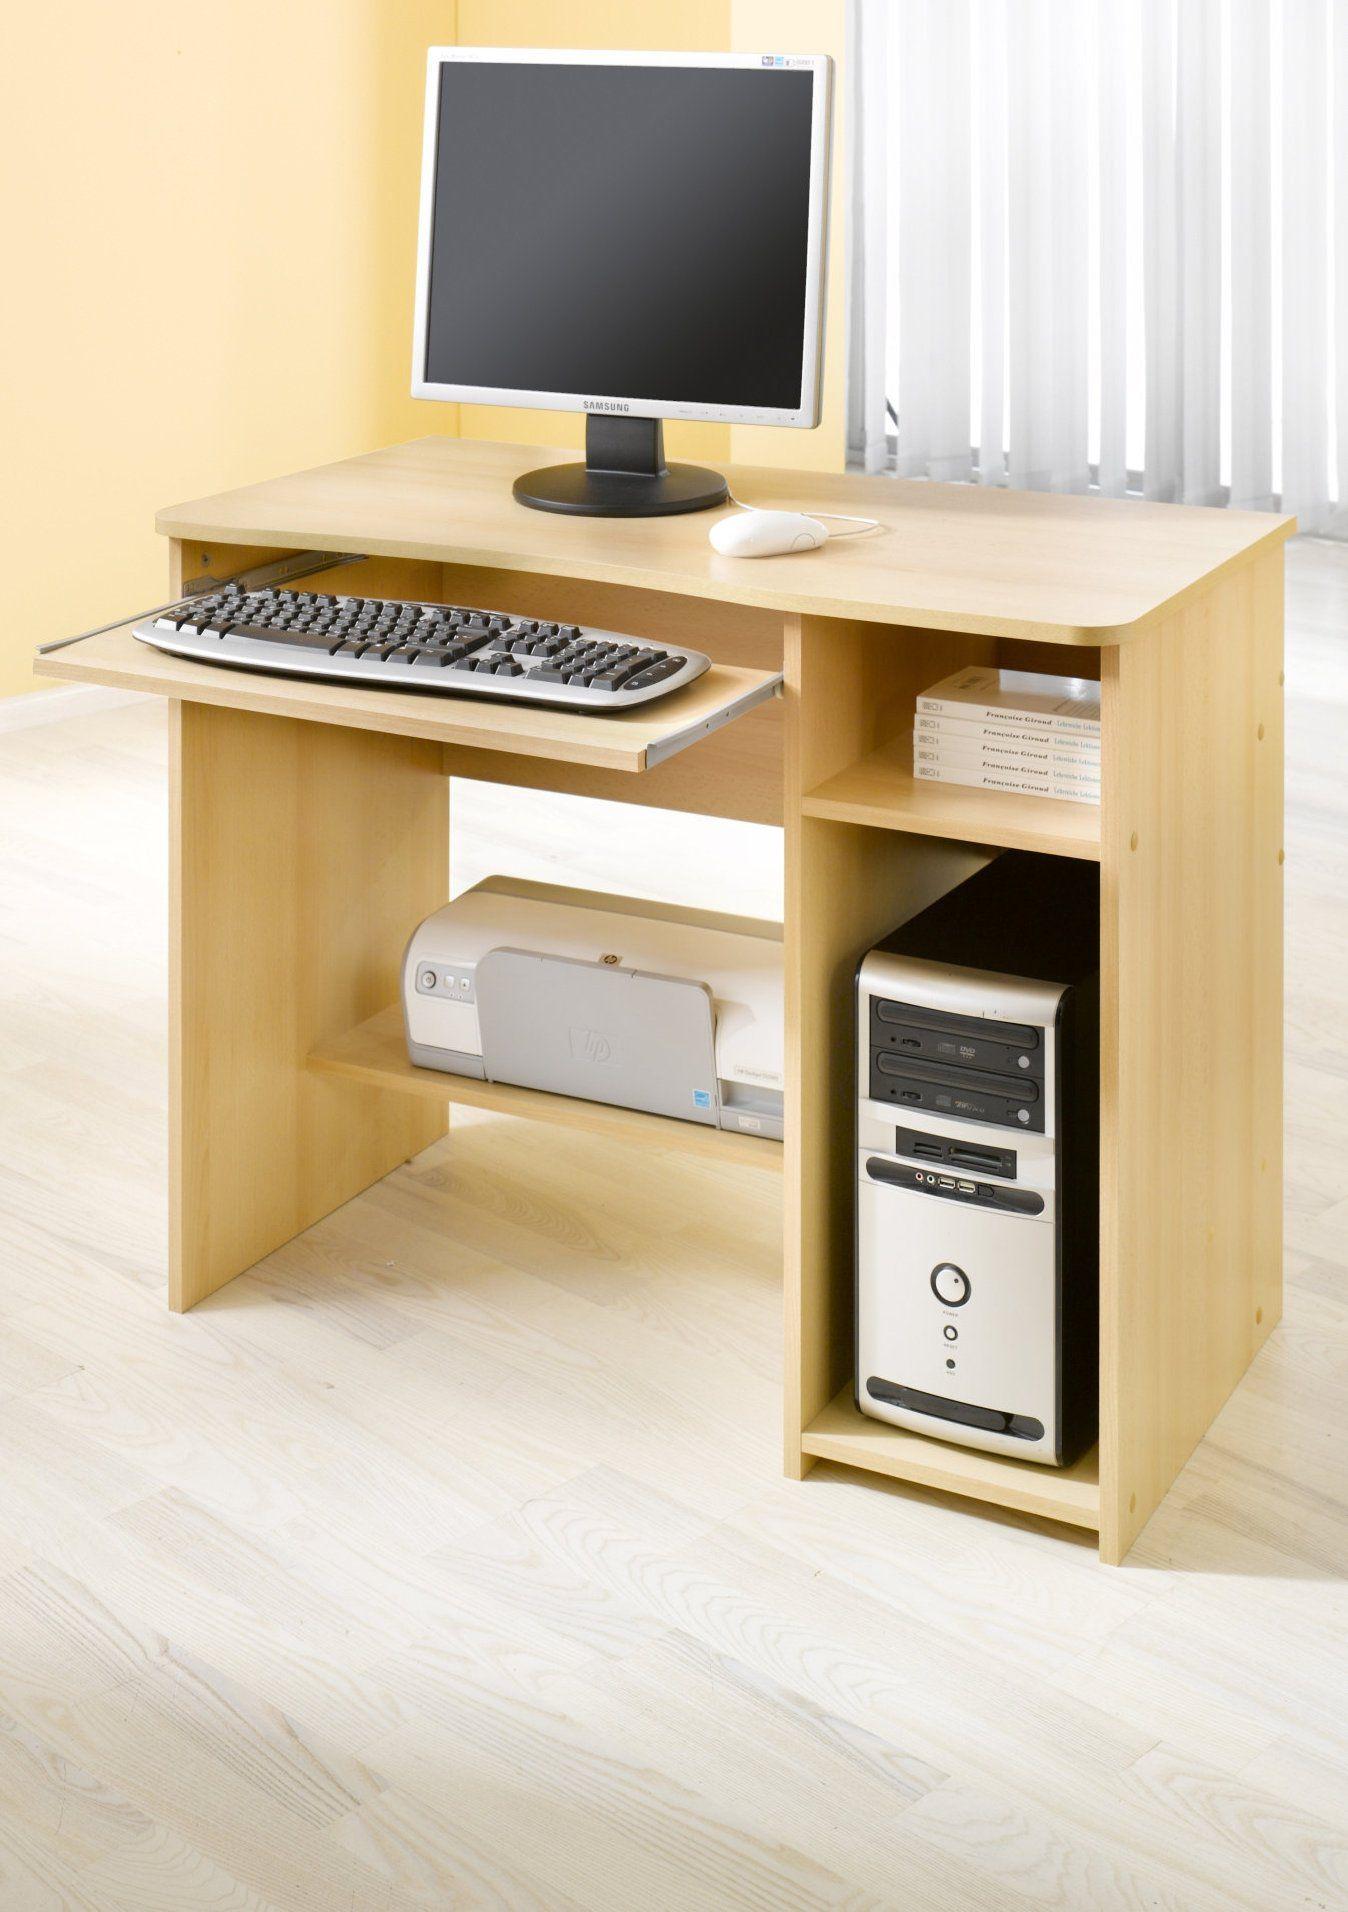 Schreibtisch 8048 schwab versand schreibtische for Schreibtisch druckerfach